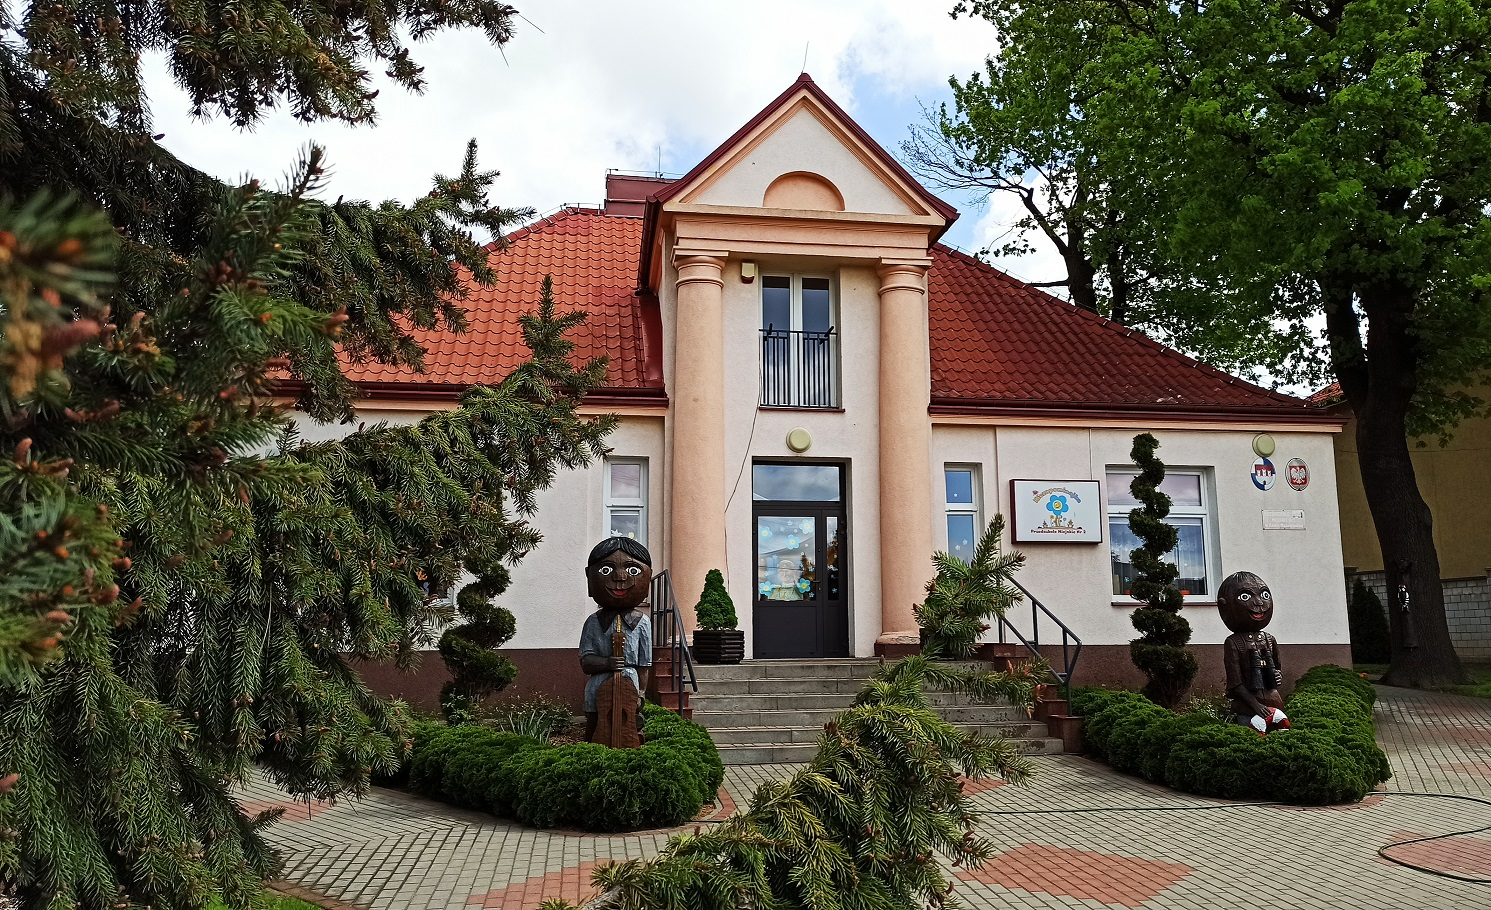 Przedszkole miejskie w Rawie kochamrawe